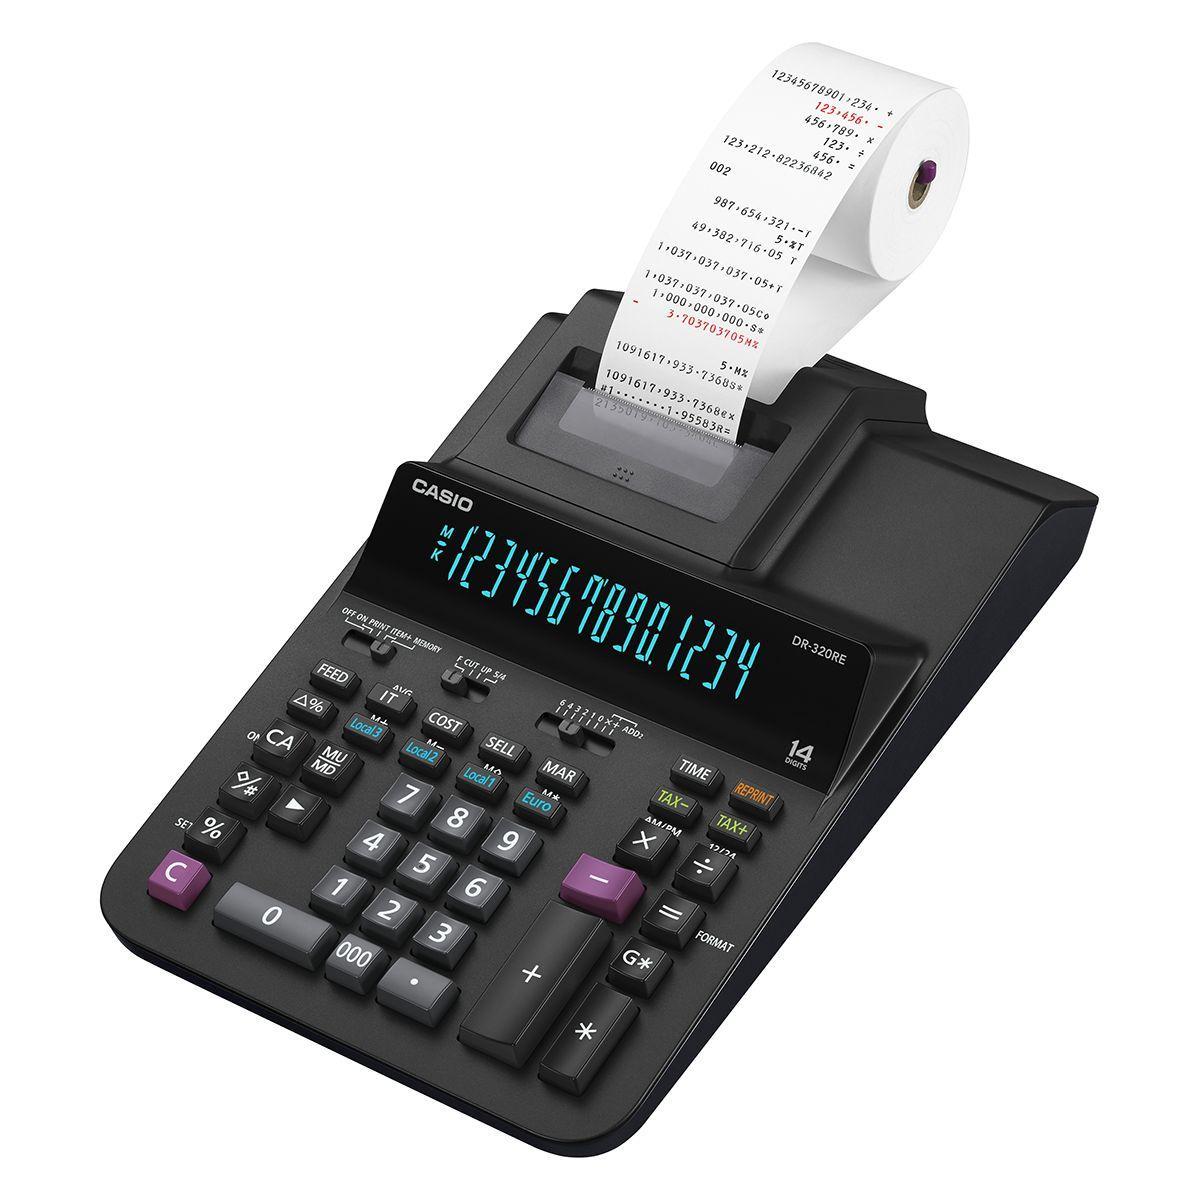 Calculatrice imprimante casio dr-320re - 20% de remise imm�diate avec le code : deal20 (photo)